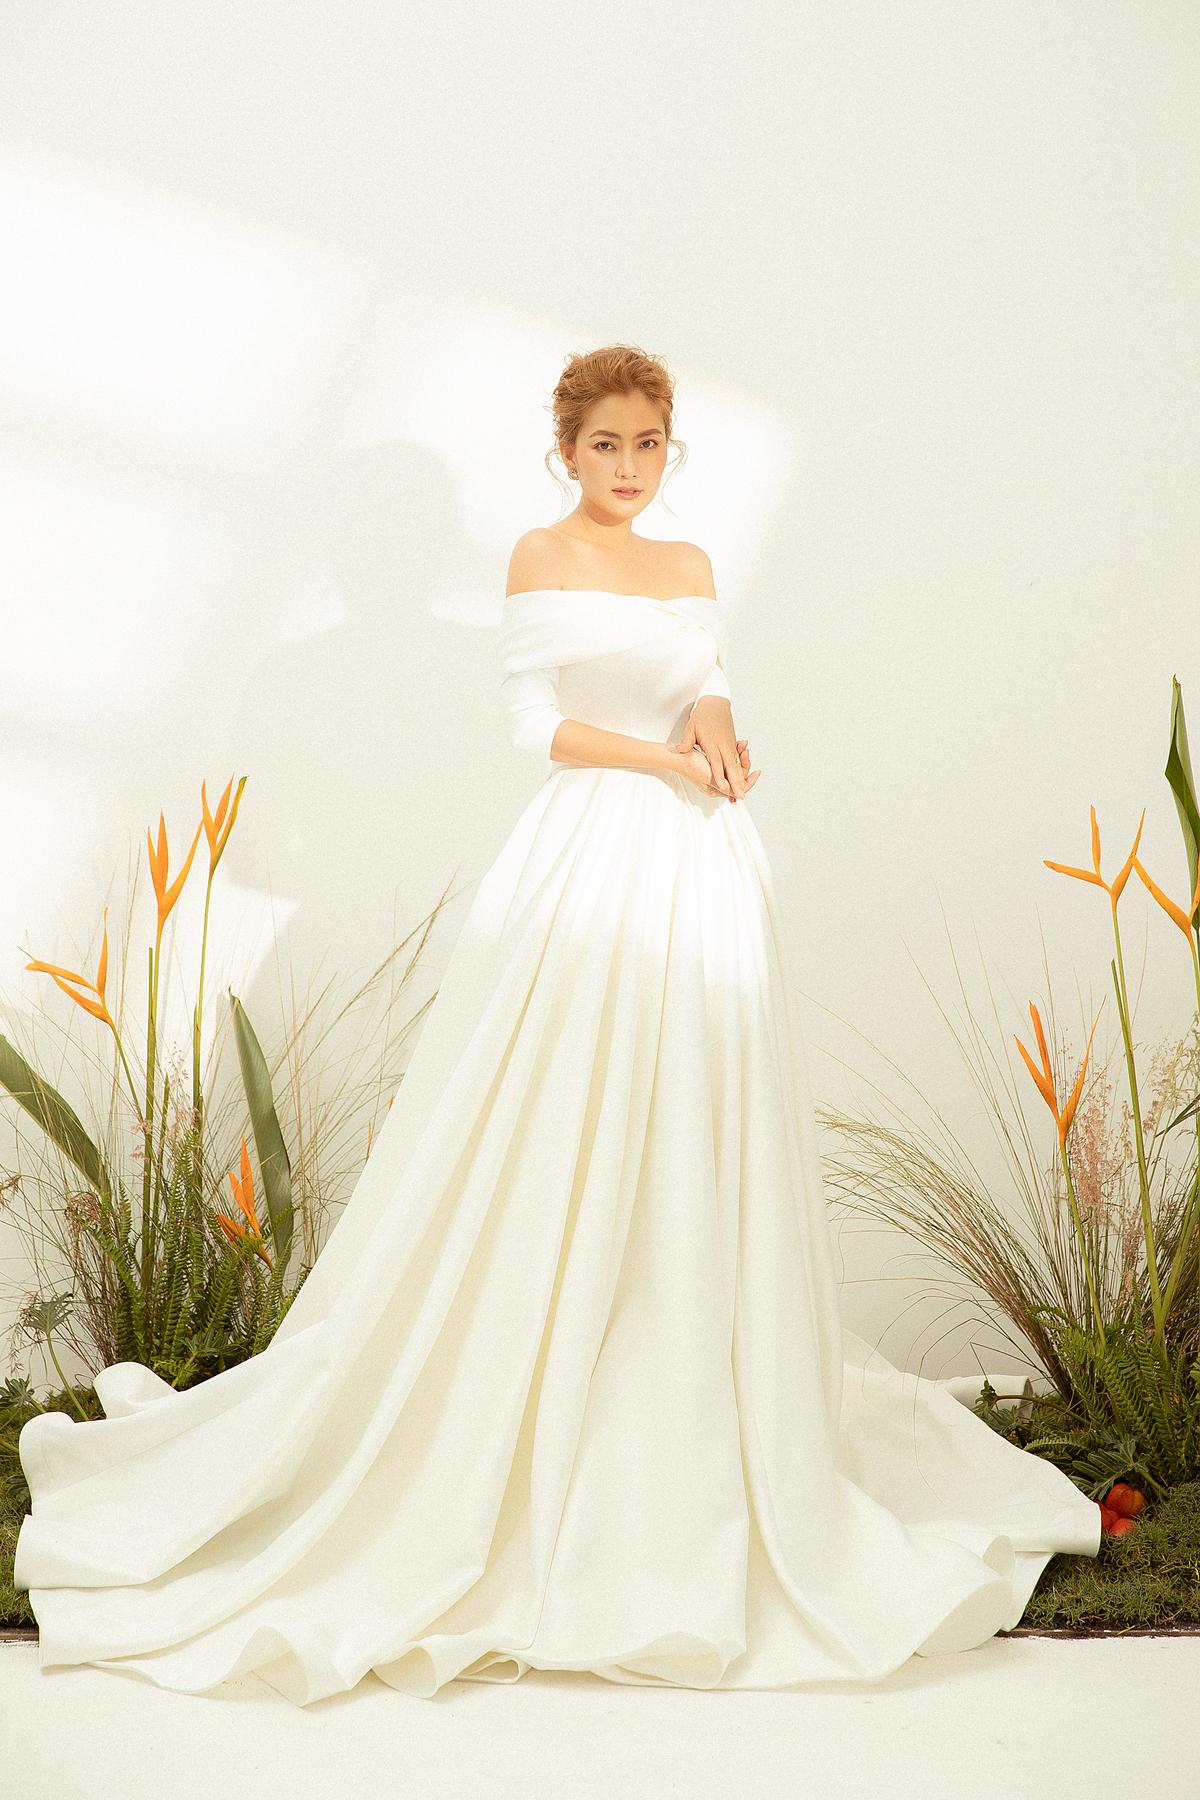 Từ phom váy chữ A, phần thân dưới biến tấu với lớp tùng váy dày nhưng không cồng kềnh tạo nên sự sang trọng nhưng vẫn thoải mái cho cô dâu.